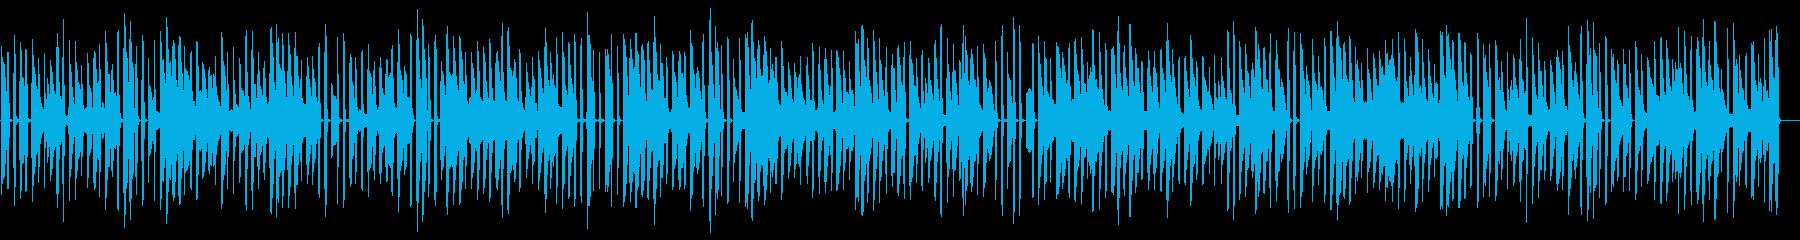 少し調子外れのホンキートンクピアノの再生済みの波形